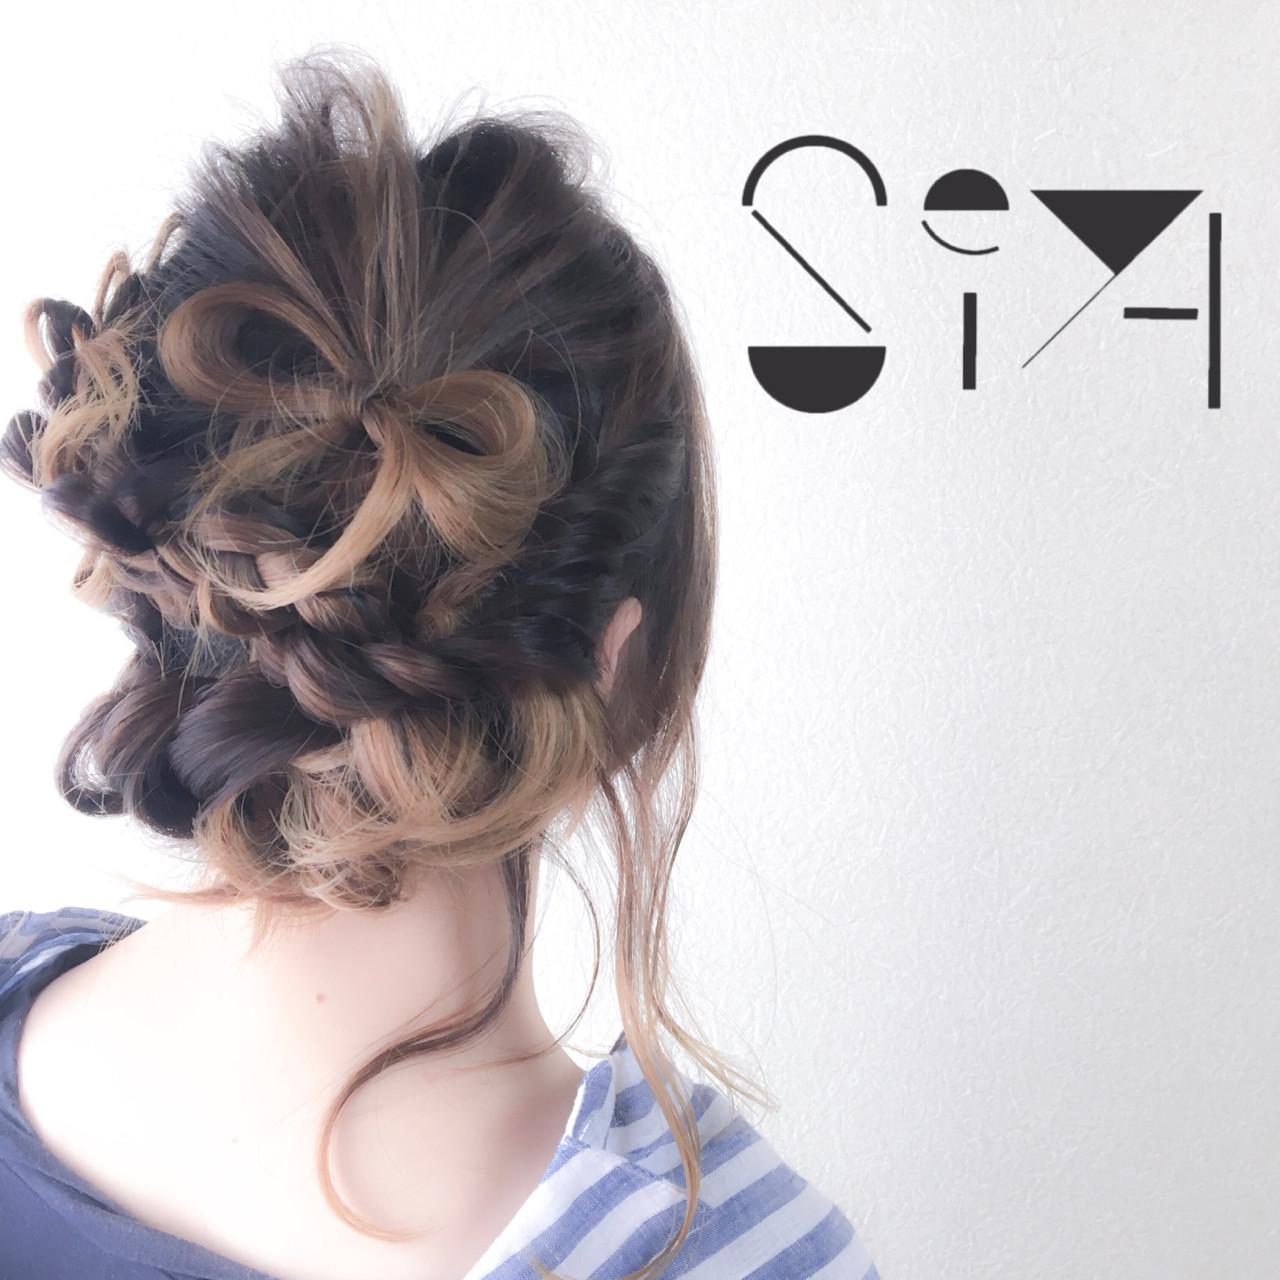 簡単ヘアアレンジ オン眉 ヘアアレンジ ミディアム ヘアスタイルや髪型の写真・画像 | SEIYA YAMAMOTO / Real me